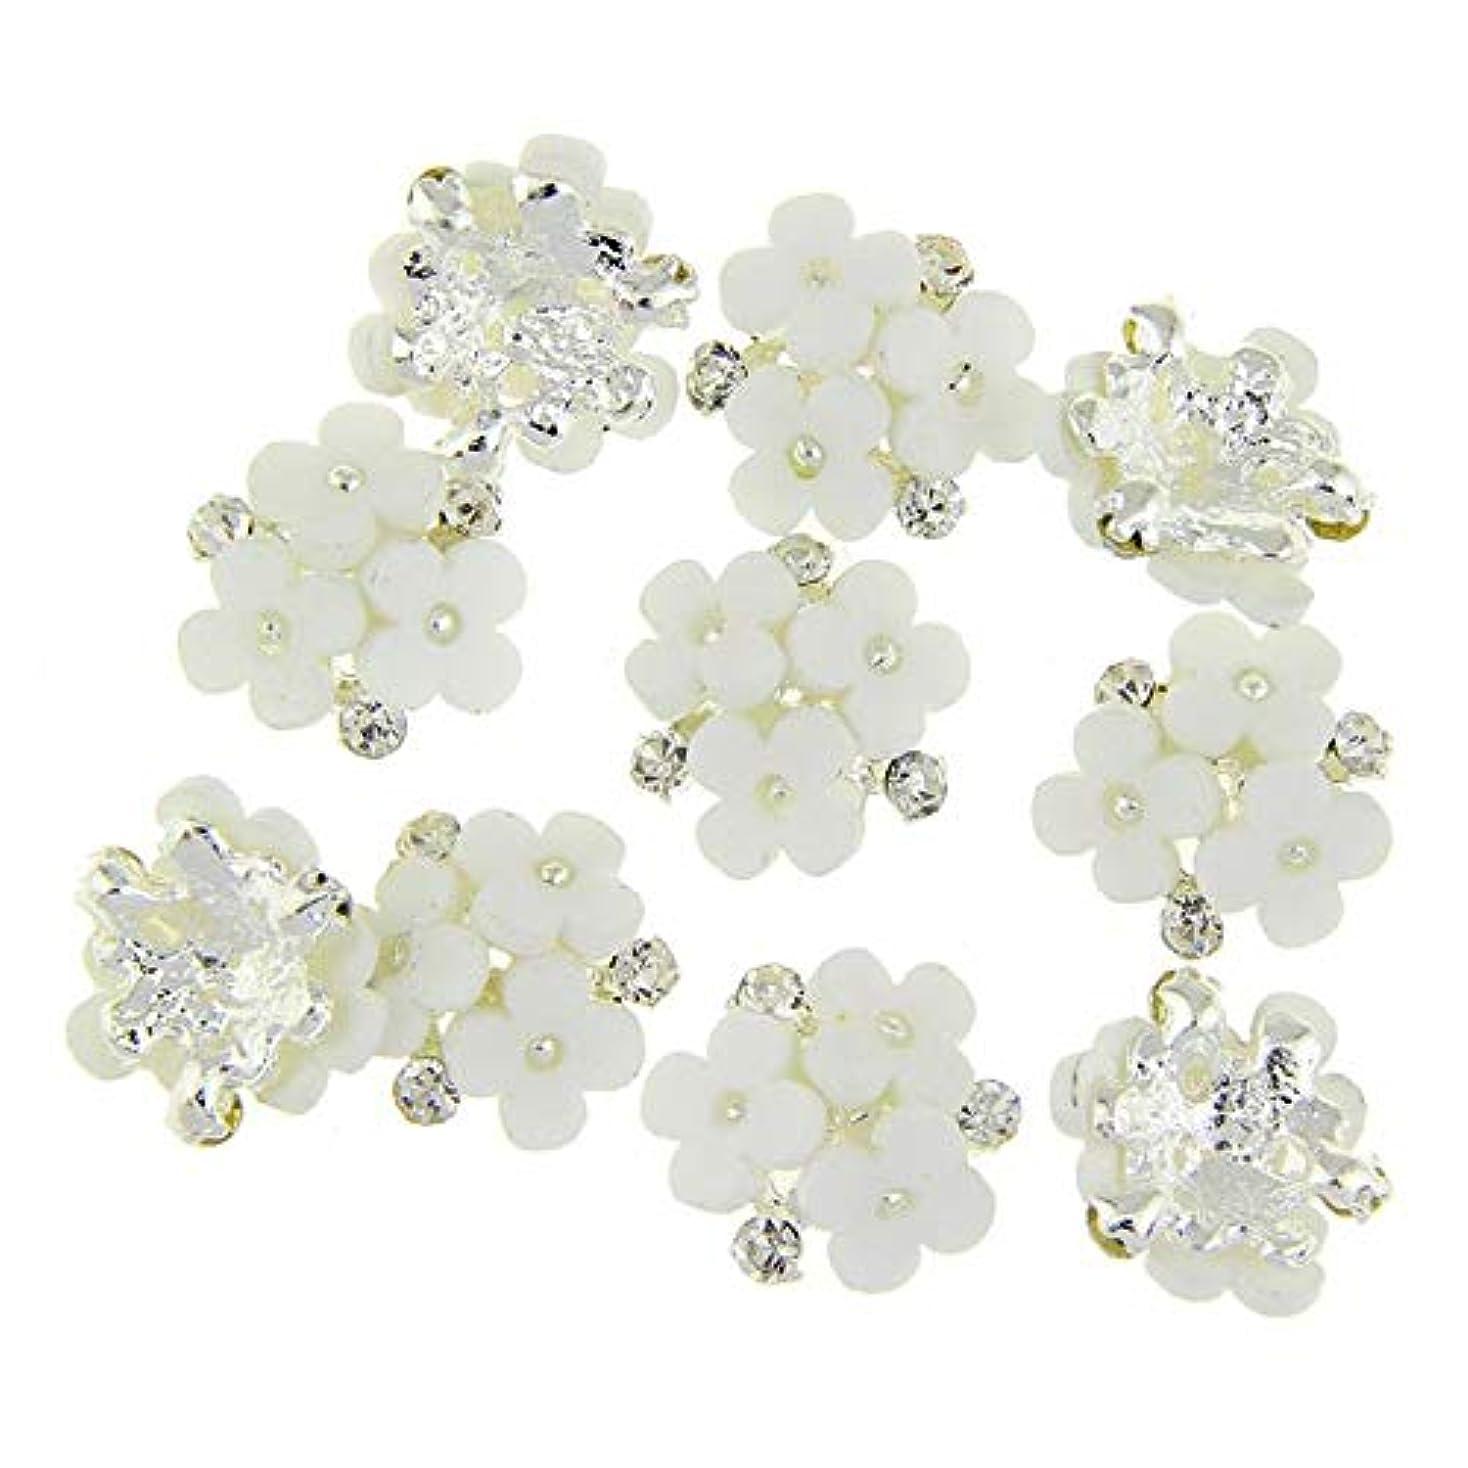 レパートリープレミア反逆ネイルズ3D花銀合金チャーム用10個/ロット三花柄ラインストーンは、アートの装飾ネイル